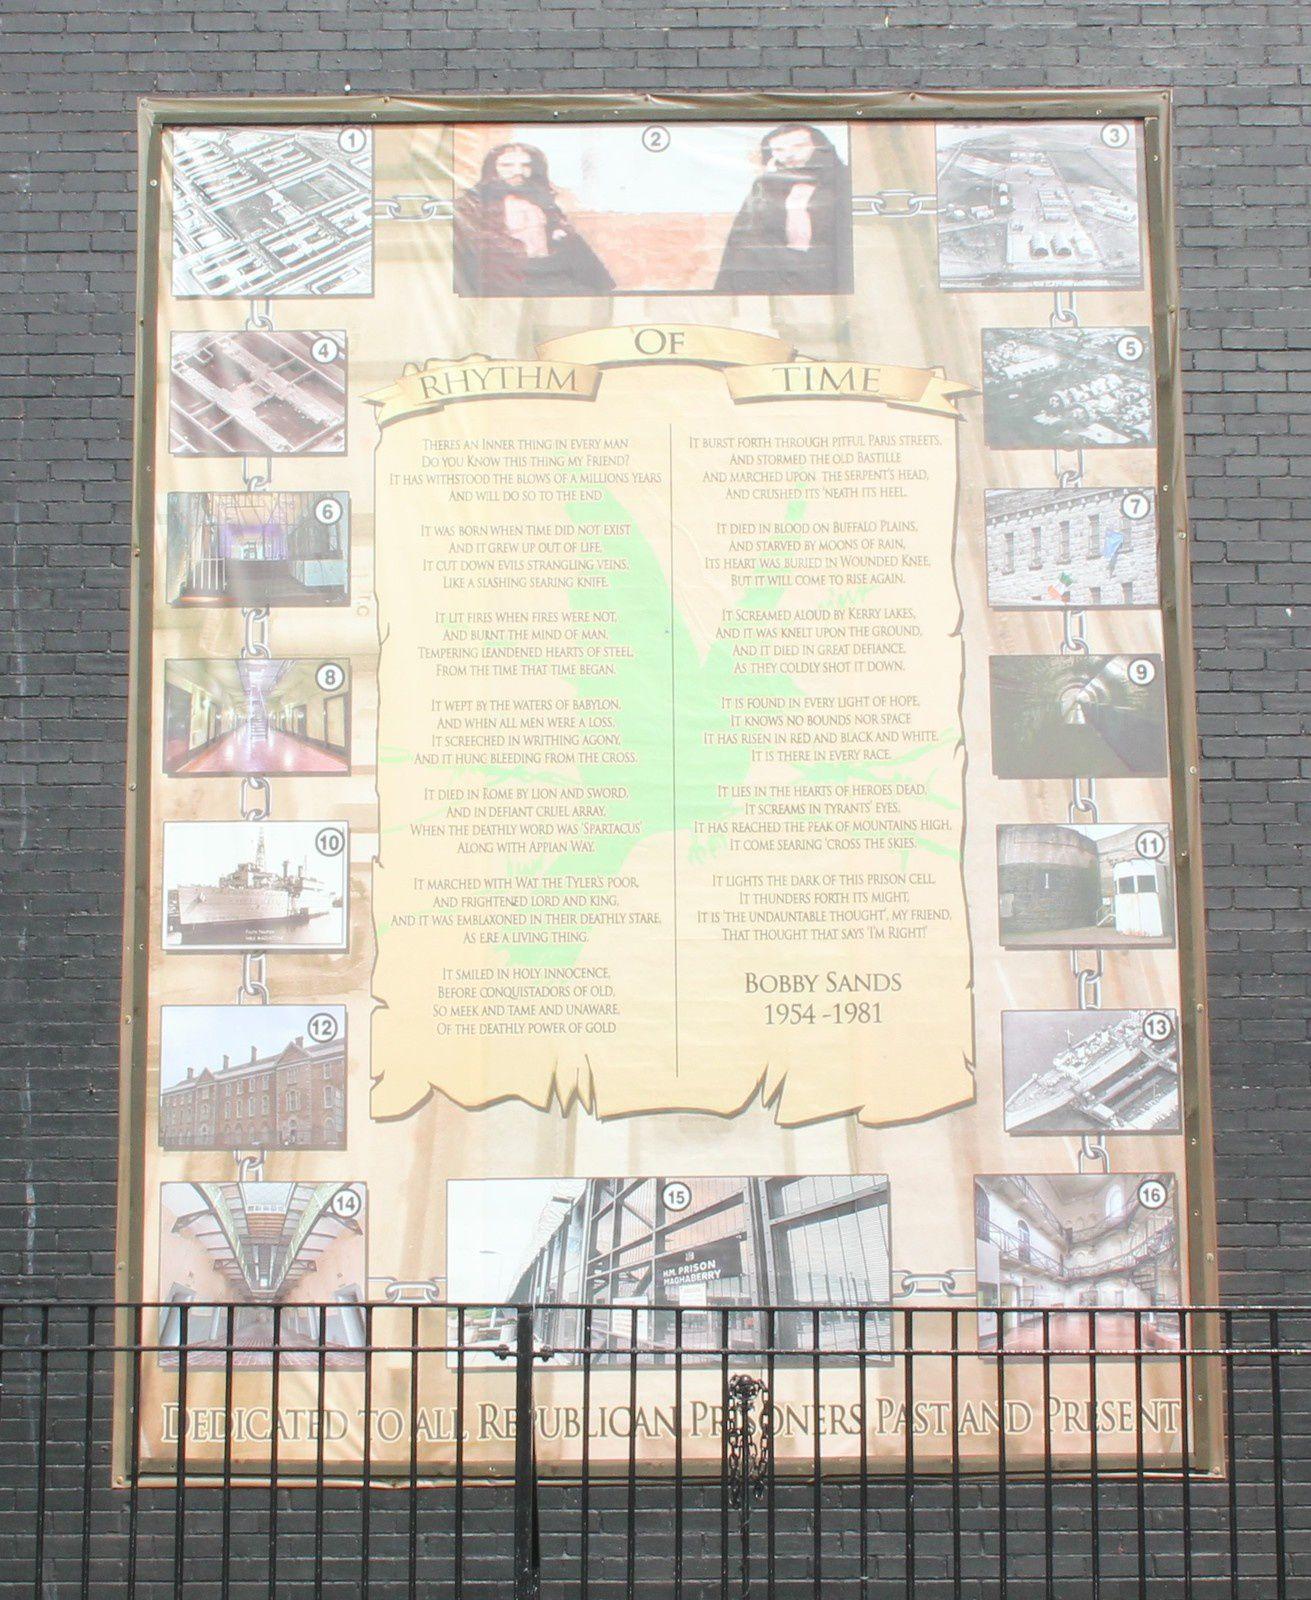 584) Ardoyne Avenue, Ardoyne, North Belfast